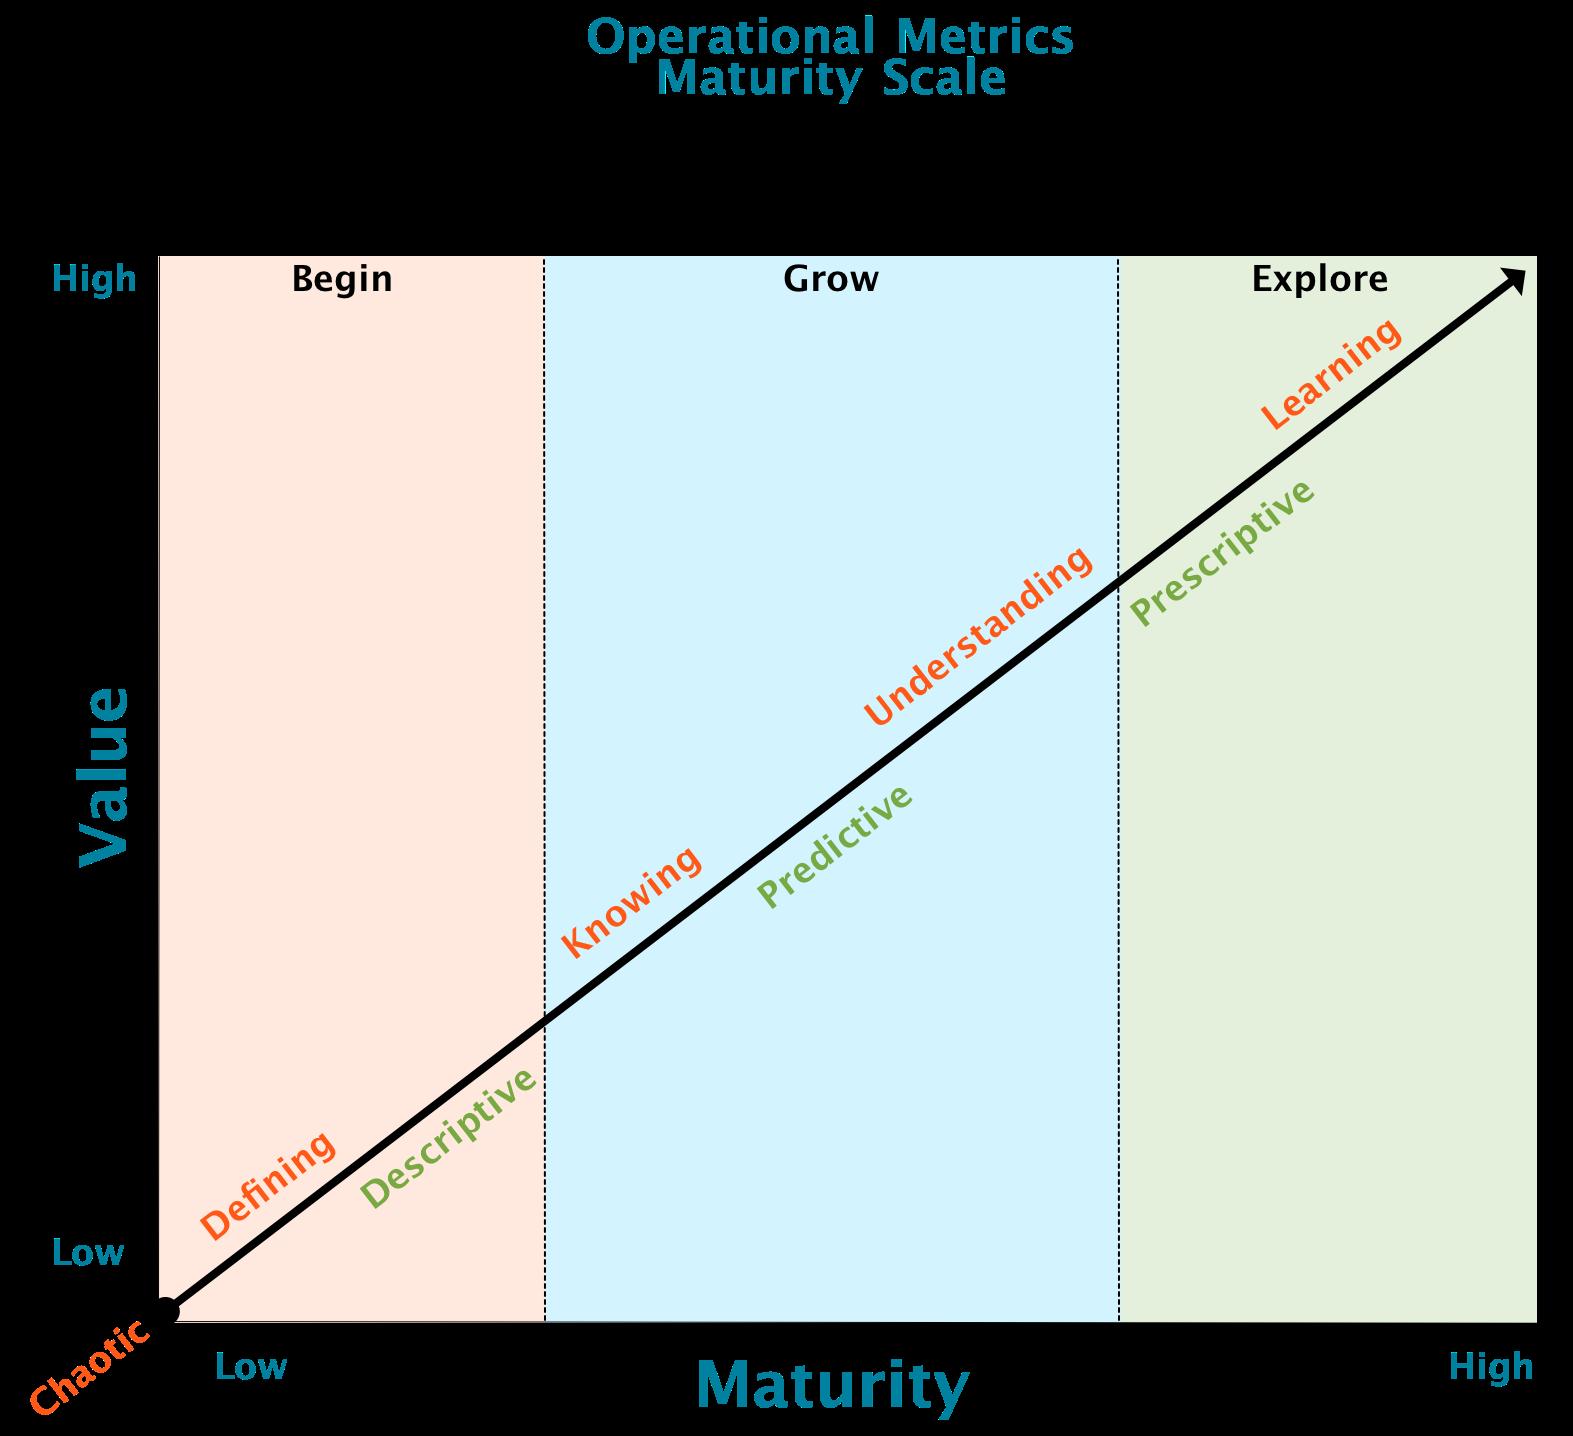 MonitoringMaturityScale.png